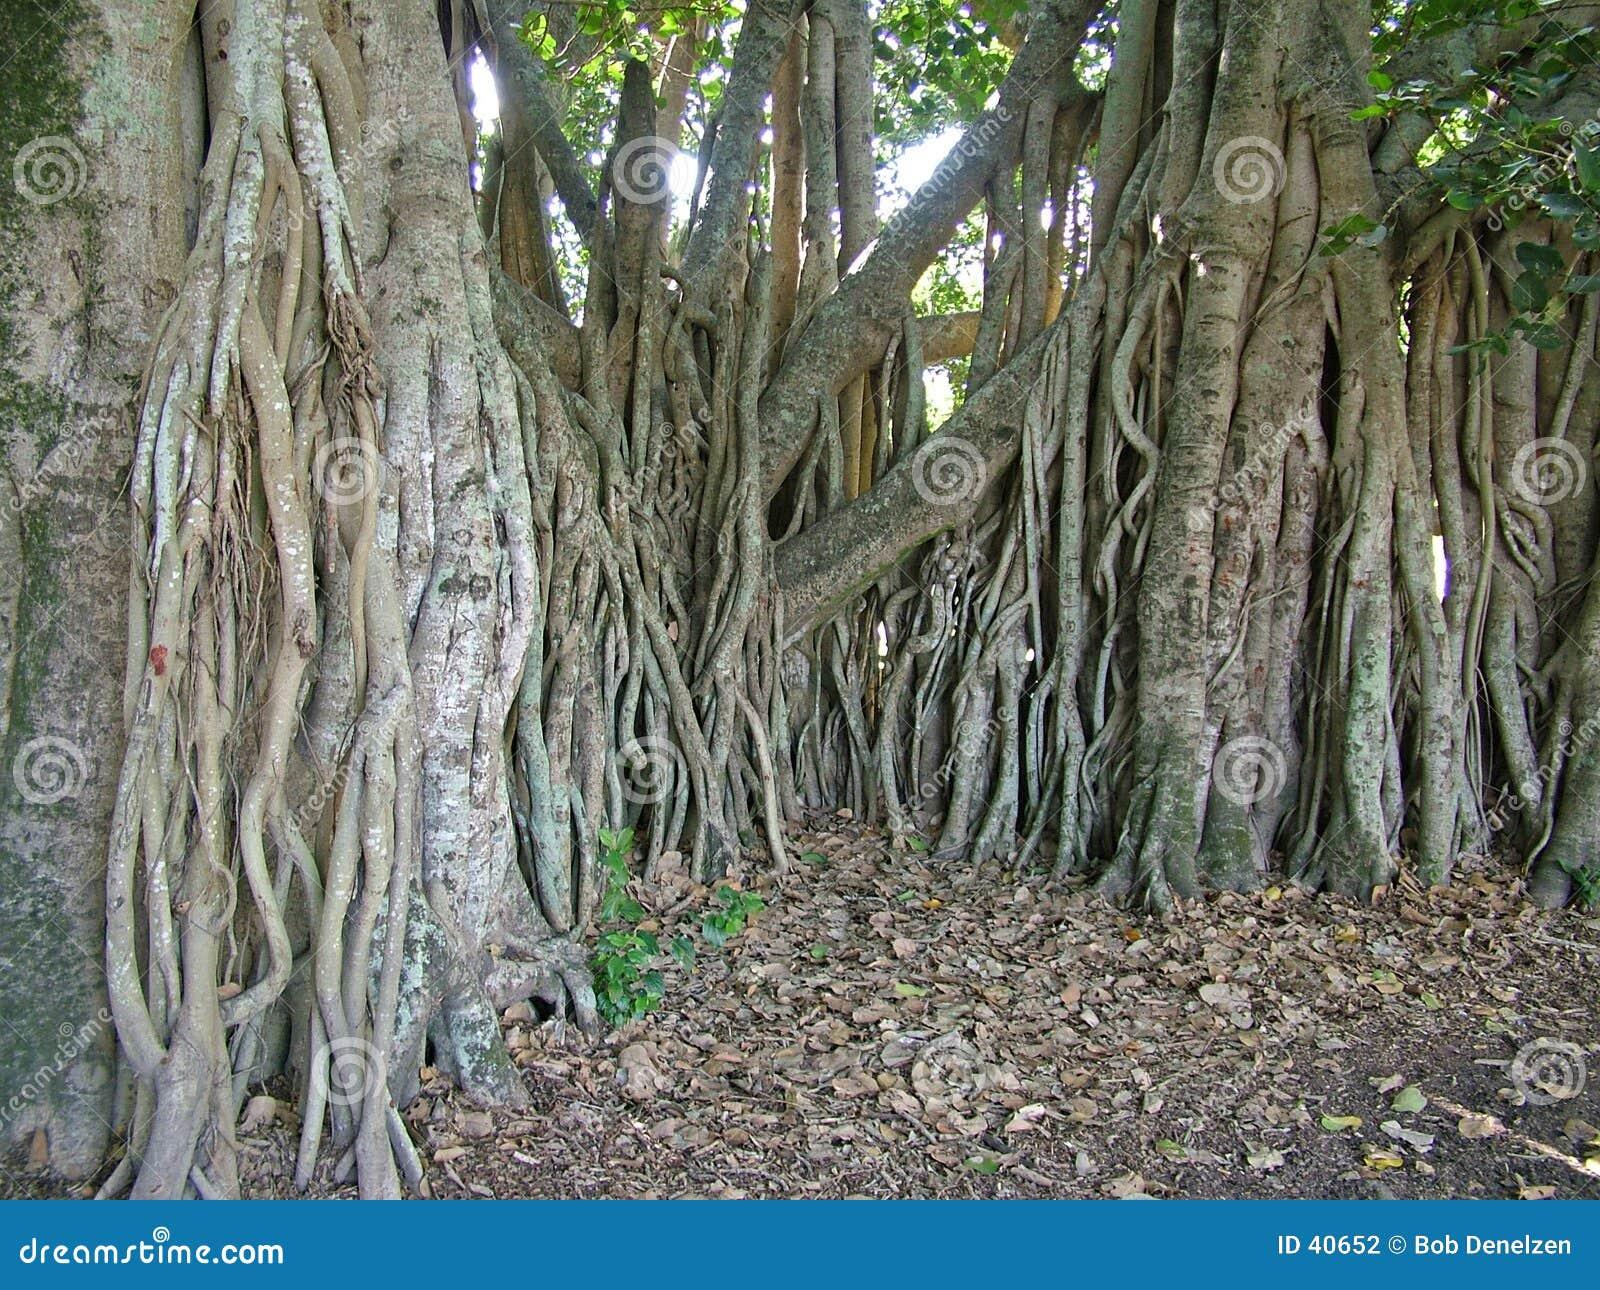 Download Raíces del árbol de higo foto de archivo. Imagen de aumento - 40652